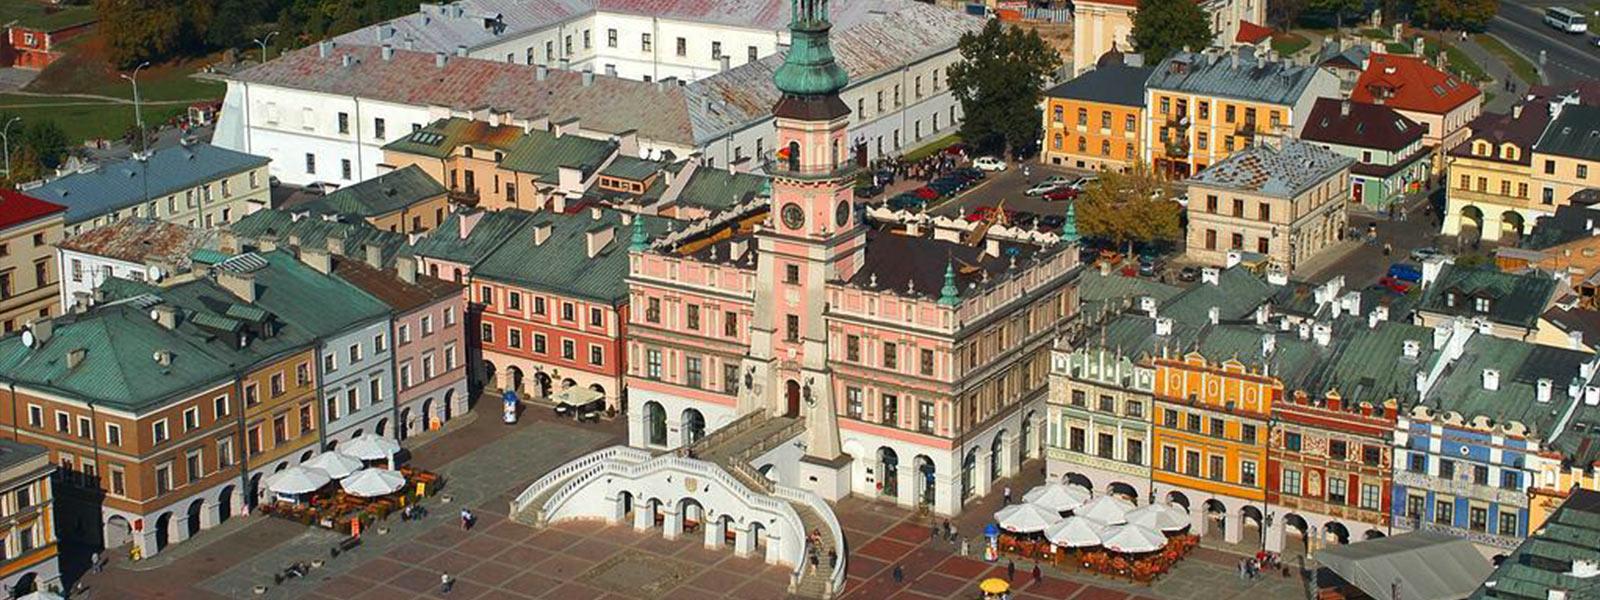 Zamość Rynek Starego Miasta  hotel - TNGS Tomasz Karman - Biuro Obsługi Inwestora - Lublin